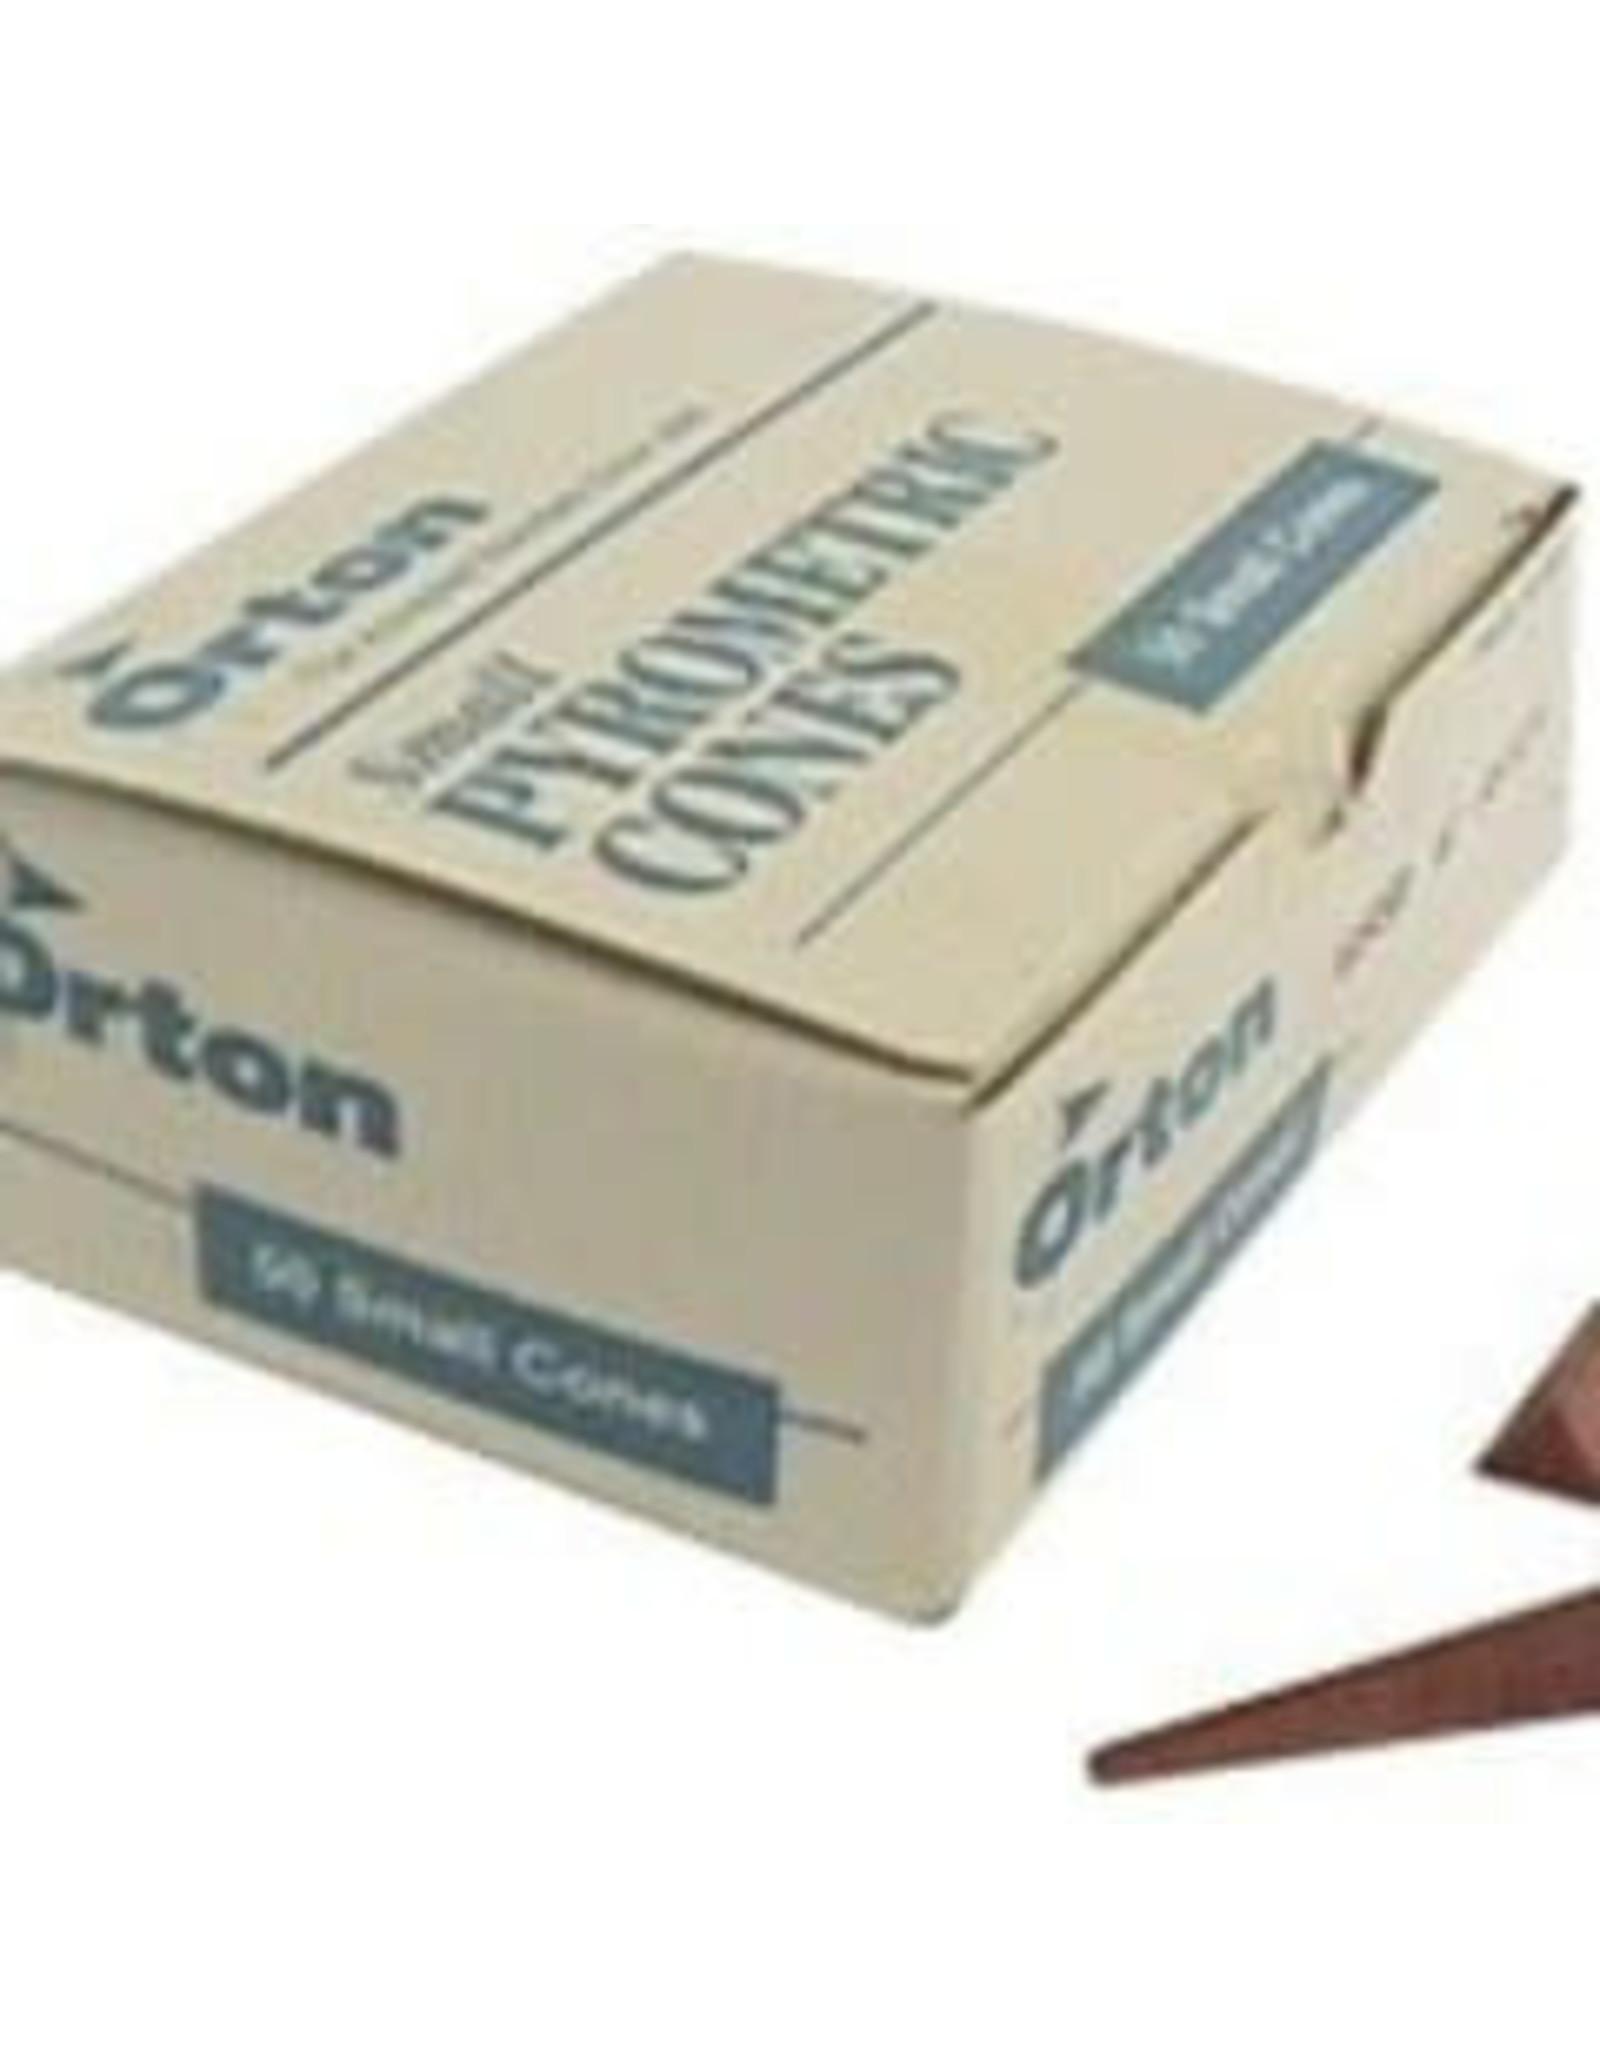 Orton small cone 4 (x50)